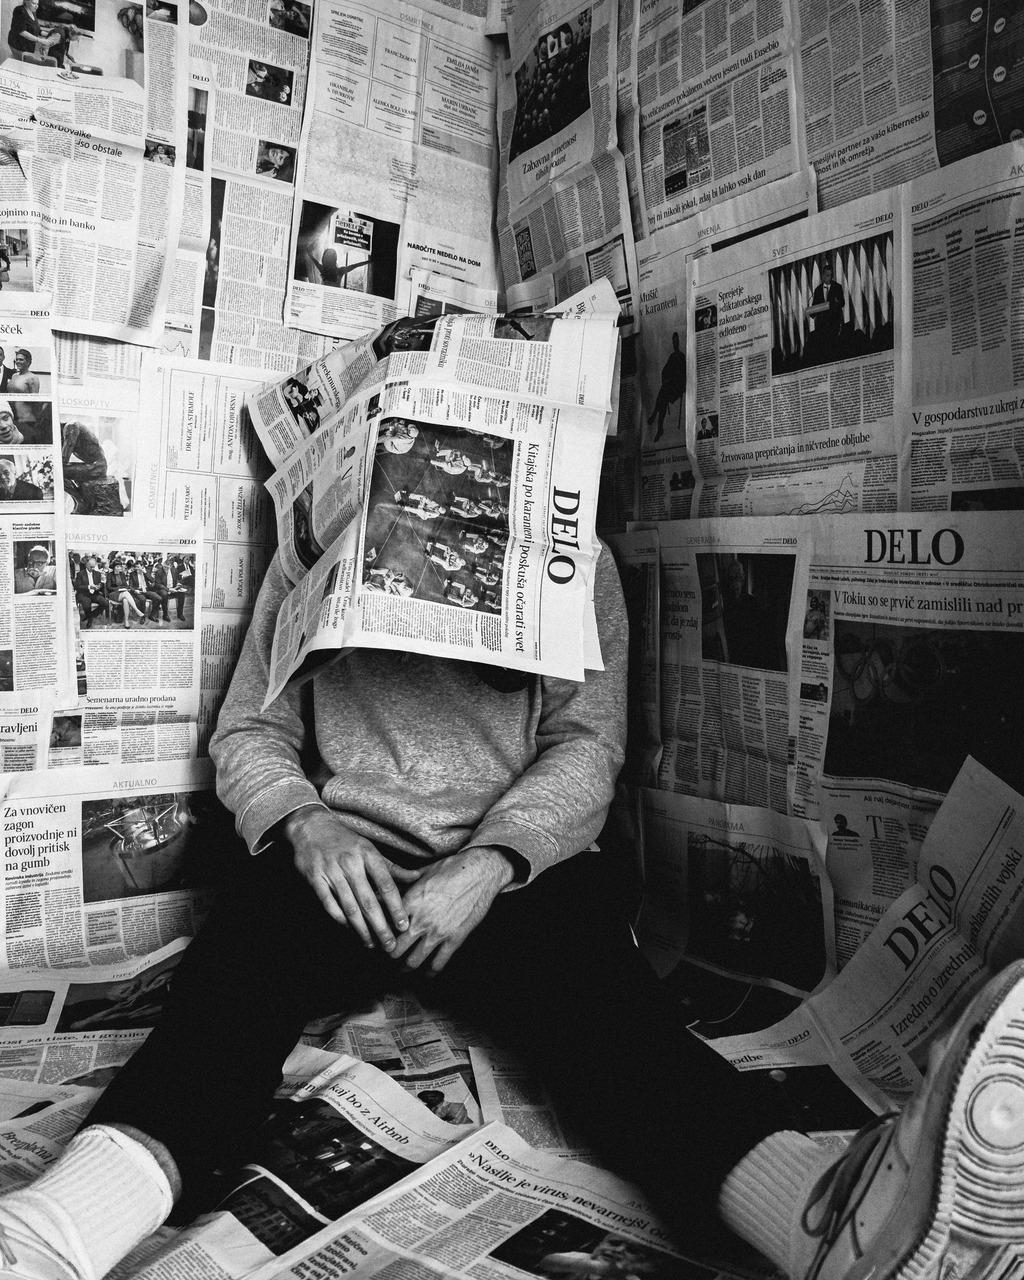 Zeitung negativ